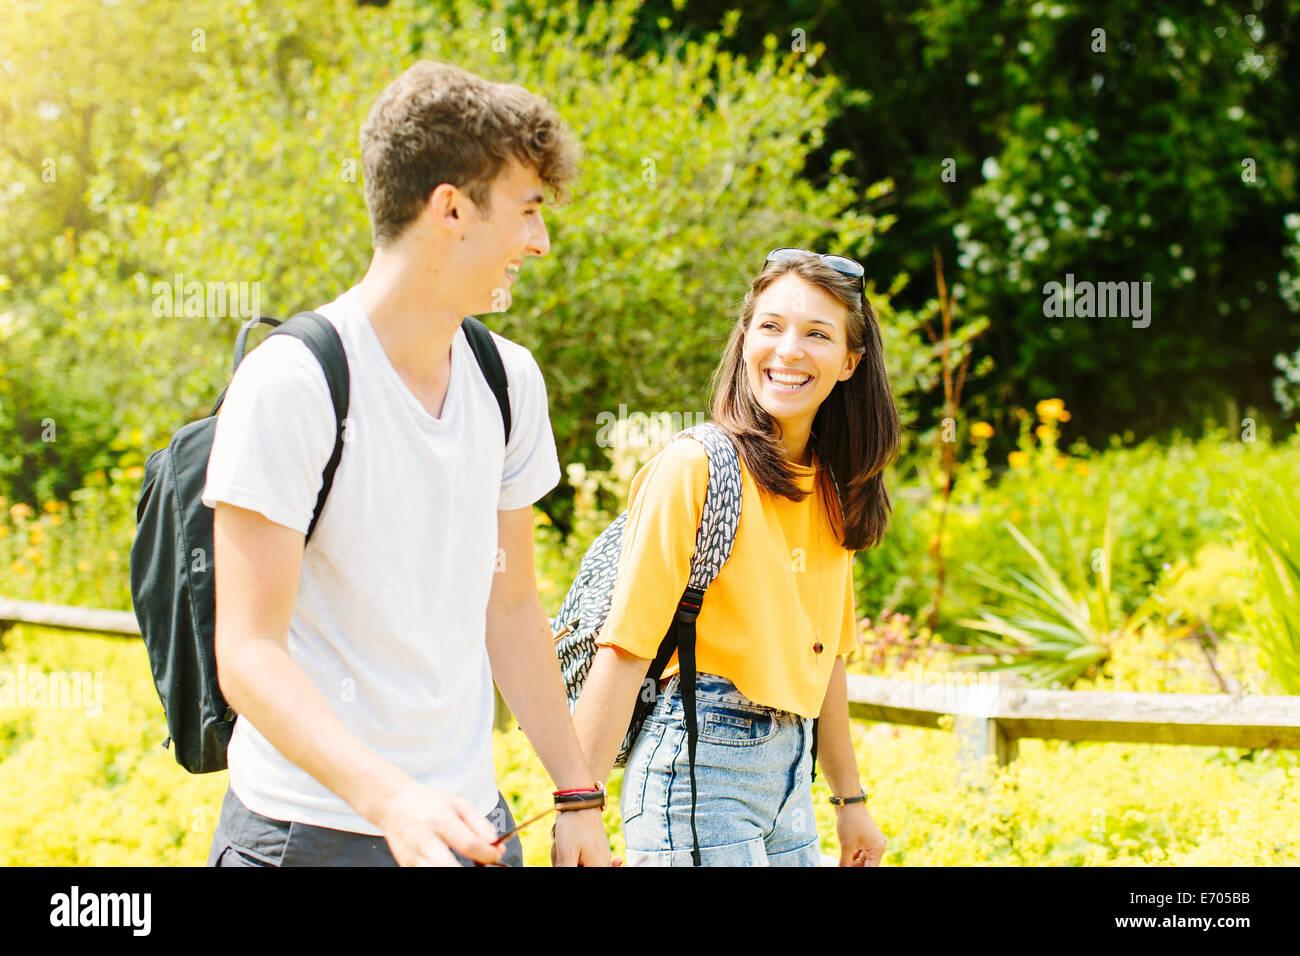 Paar im Park spazieren Stockbild